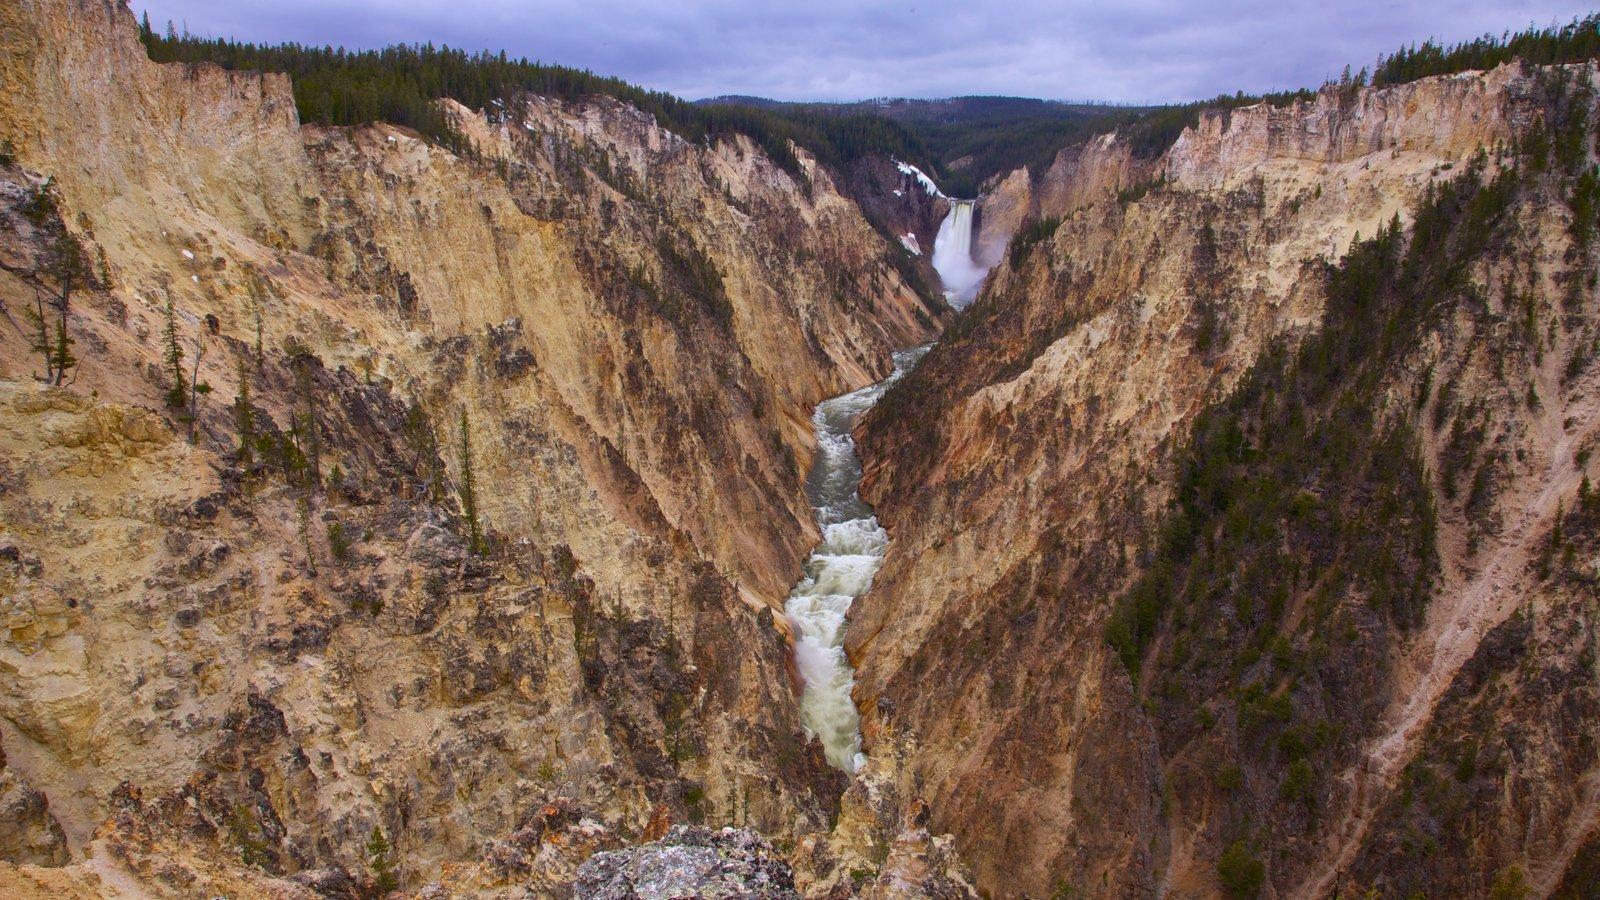 Yellowstone National Park que inclui montanhas, um desfiladeiro ou canyon e uma cachoeira